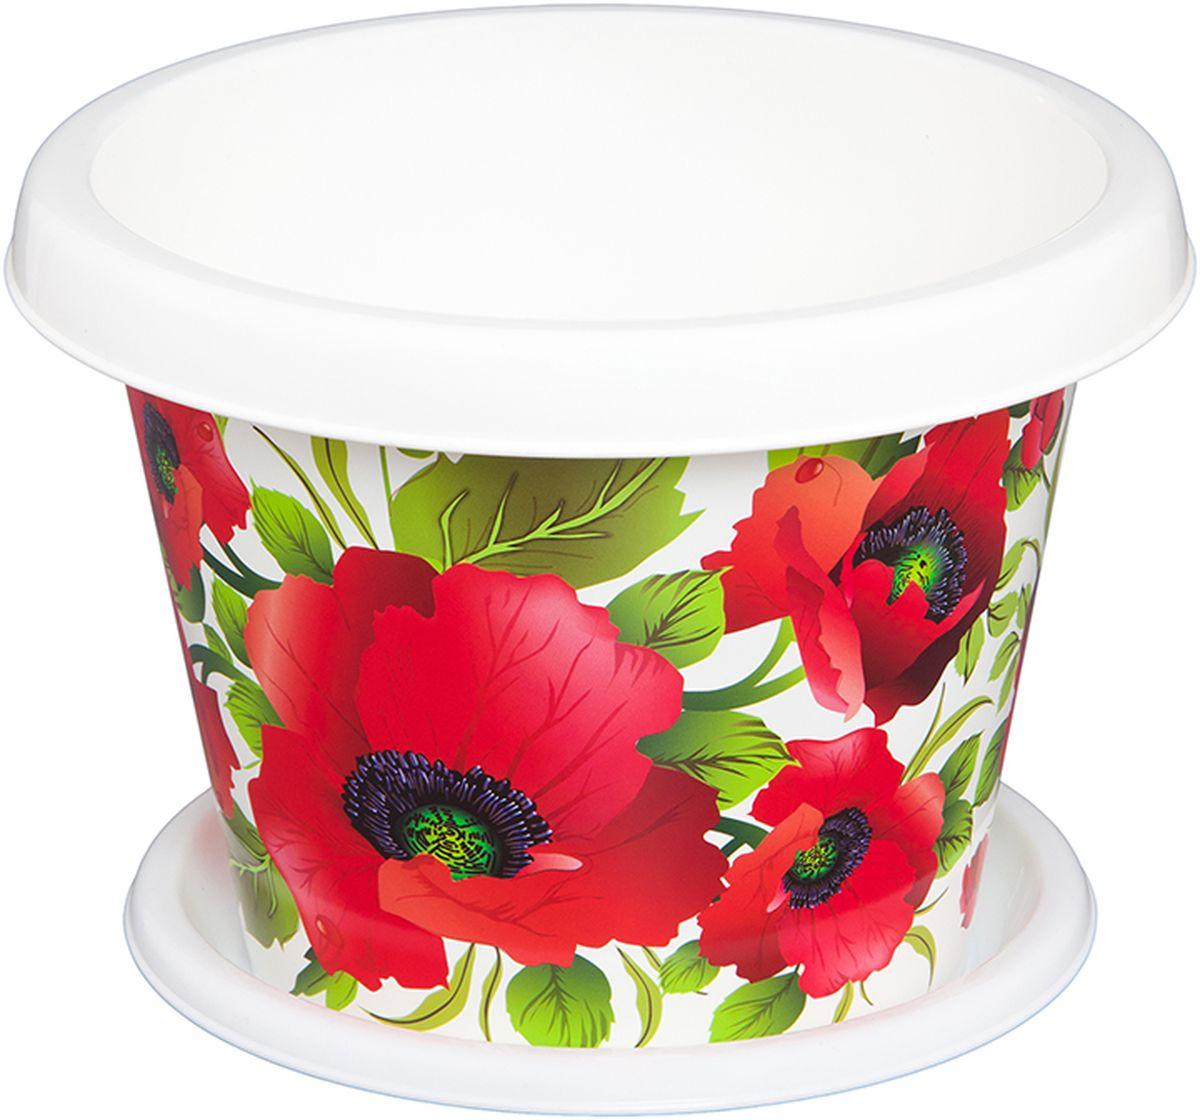 Кашпо Violet Маки, с поддоном, 1 л531-402Кашпо Violet изготовлено из высококачественного пластика. Специальный поддон предназначен для стока воды. Изделие прекрасно подходит для выращивания растений и цветов в домашних условиях. Лаконичный дизайн впишется в интерьер любого помещения.